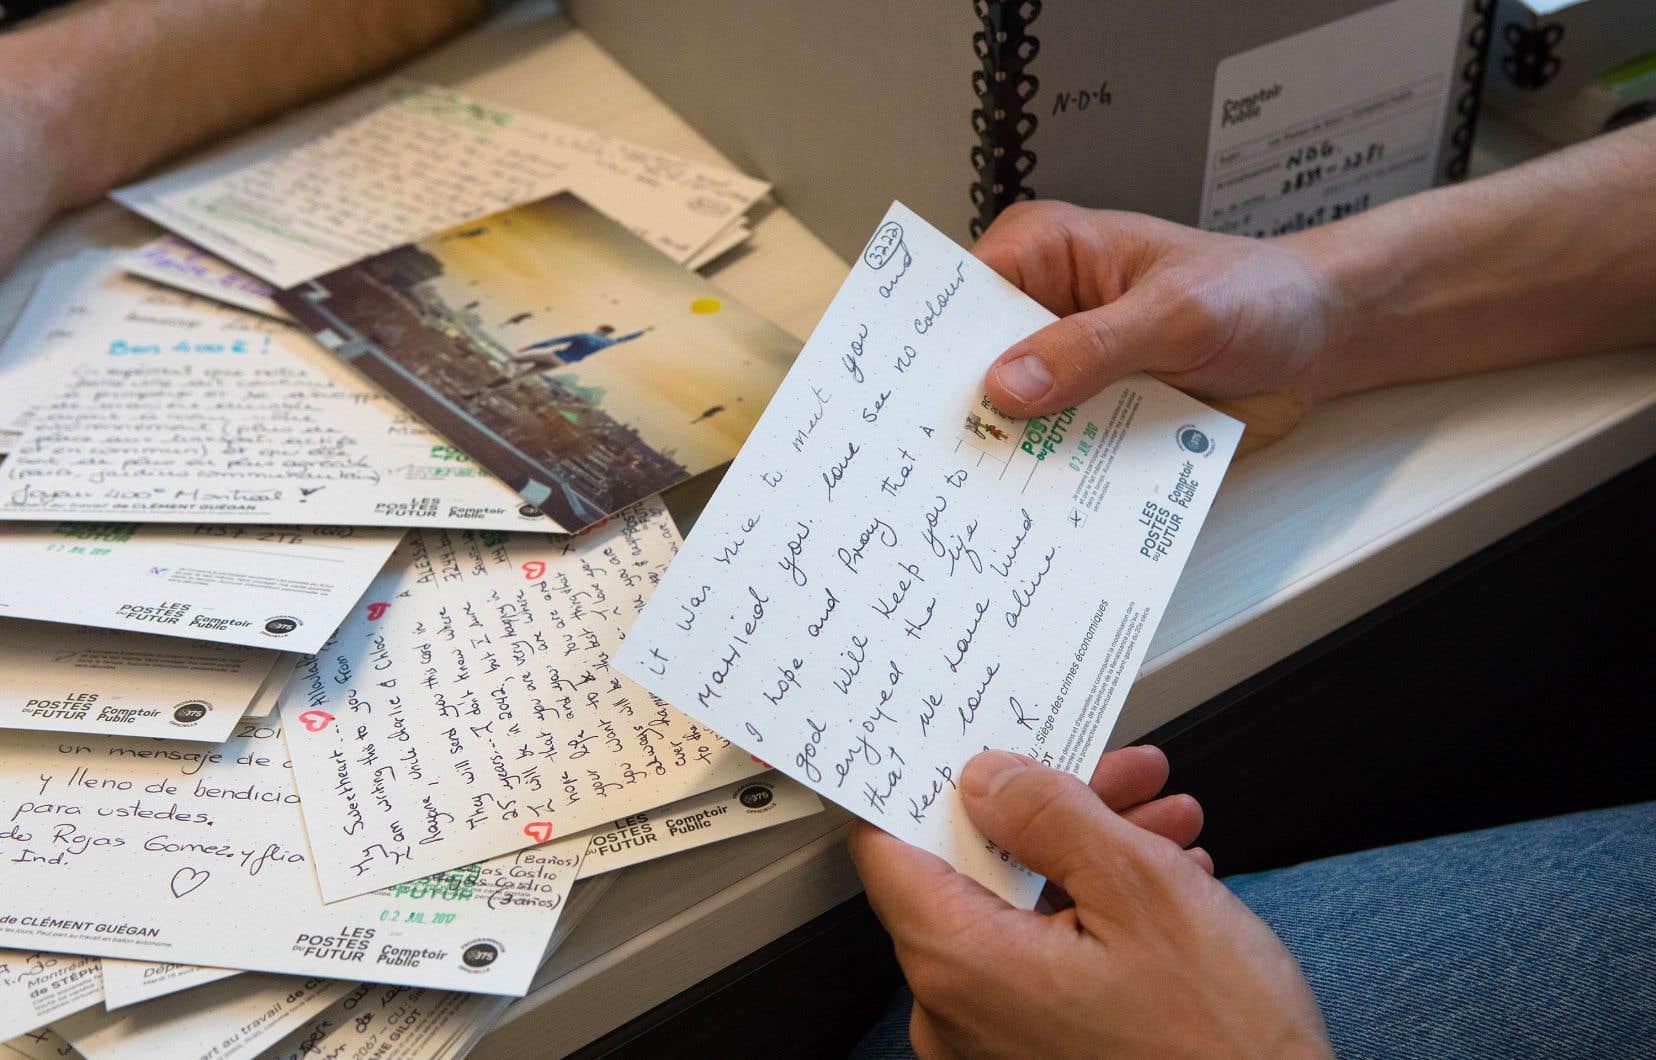 Certaines cartes postales abordent des sujets sociaux, d'autres sont davantage tournées vers des questions intimes.